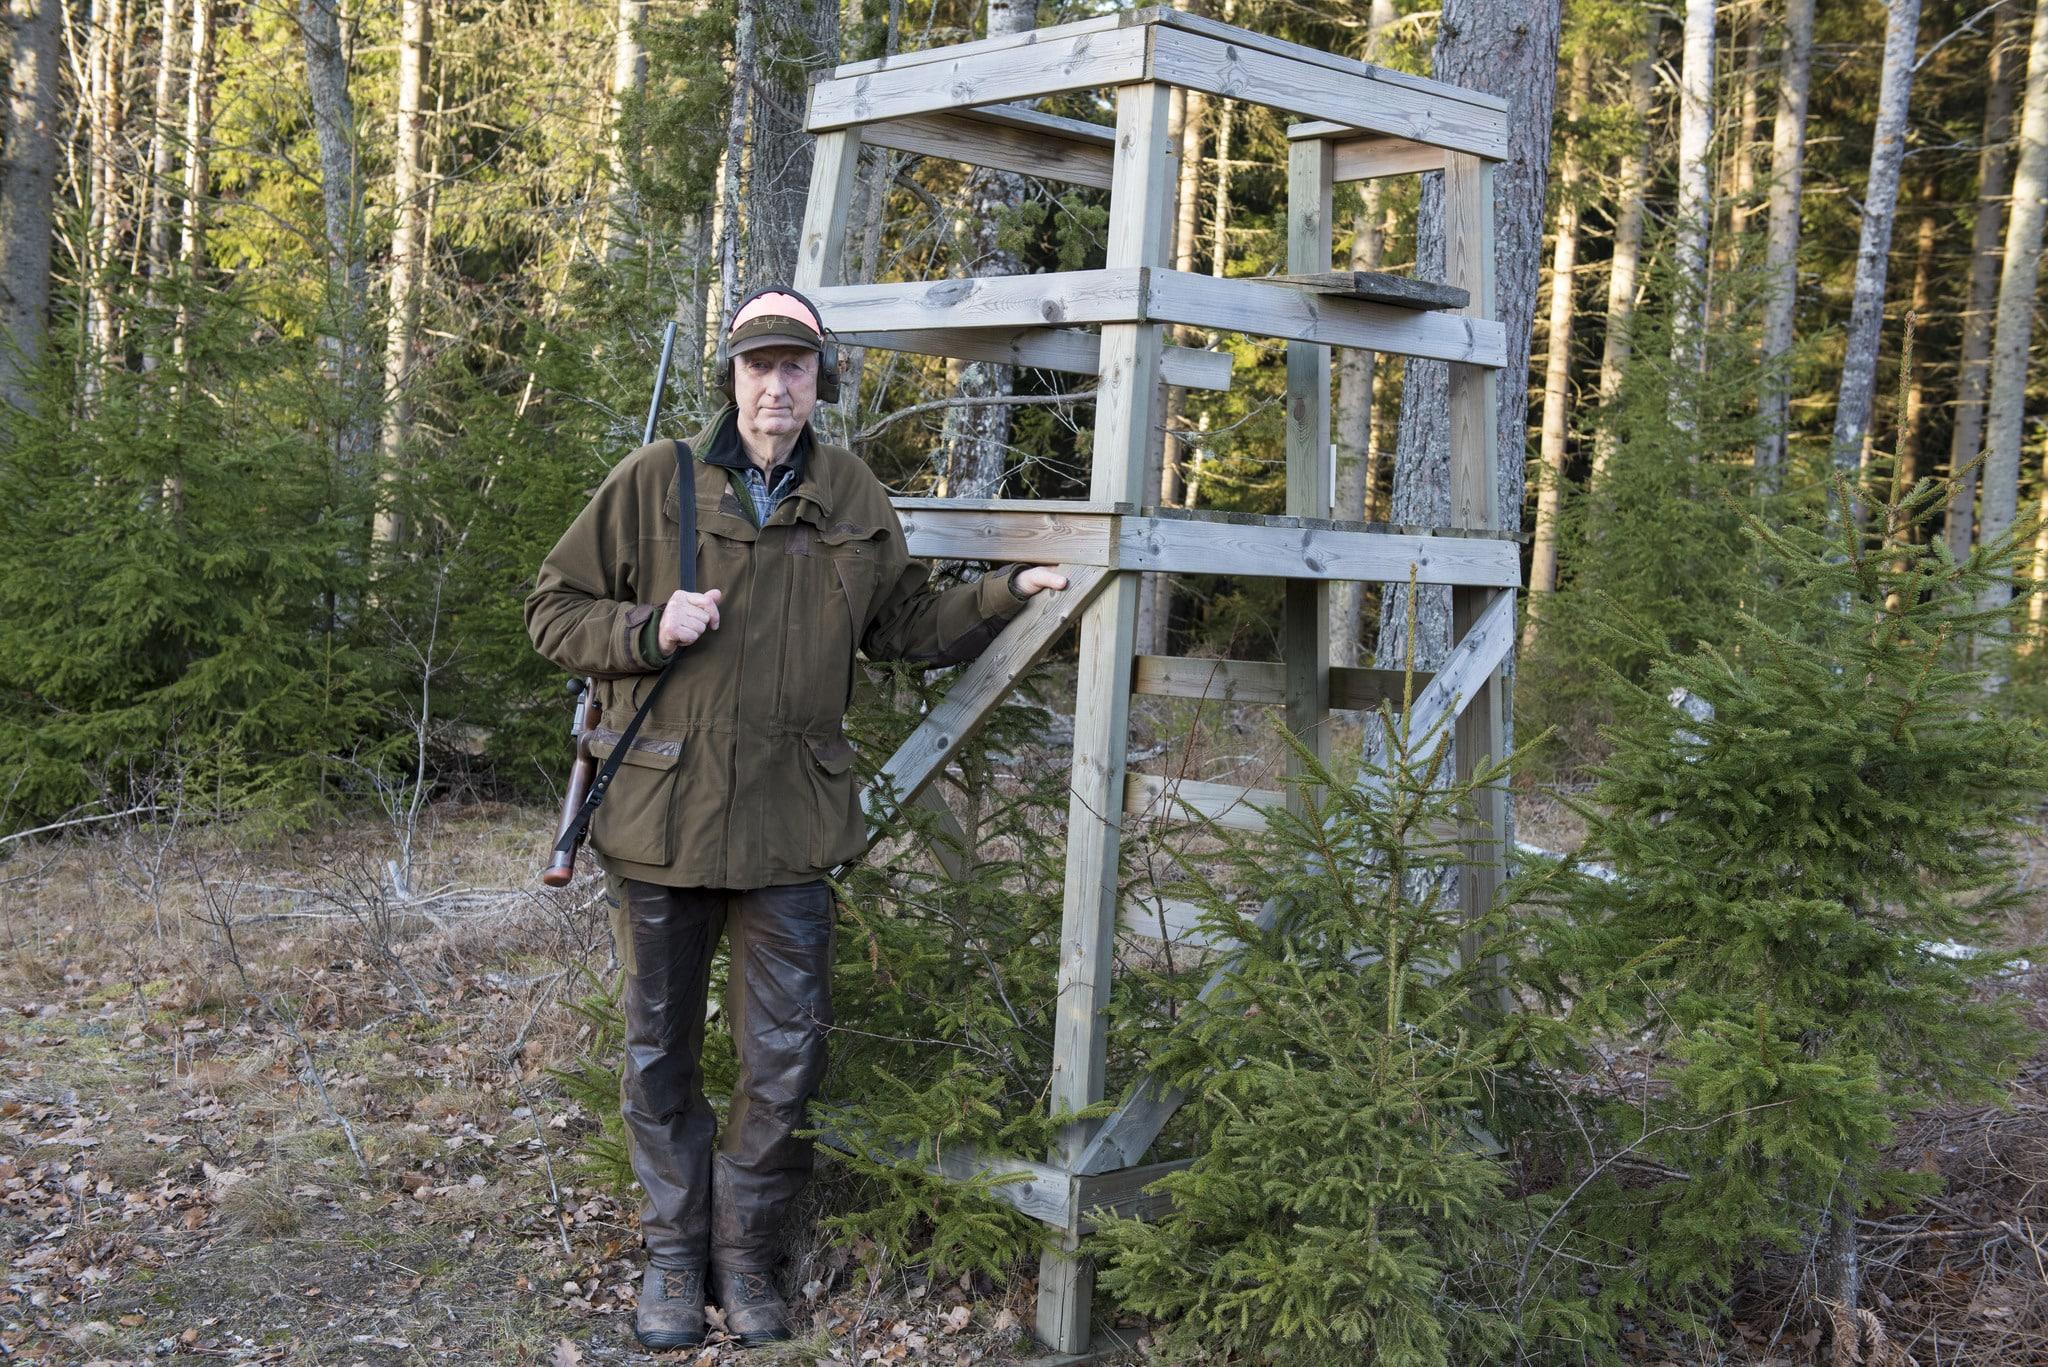 Jakttornet är byggt som Börje Johnsson vill att det ska göras. Virket är tryckimpregnerat, stommen är i rejäl två tum fyra, en stadig sittbräda och en sarg på överliggaren gör det möjligt att ta stöd för säkrast möjliga skott. Tornet är mycket stadigt, men kan förses med snedsträvor för att minimera risken att det ska välta när jägaren står på stegen. Foto: Jan Henricson